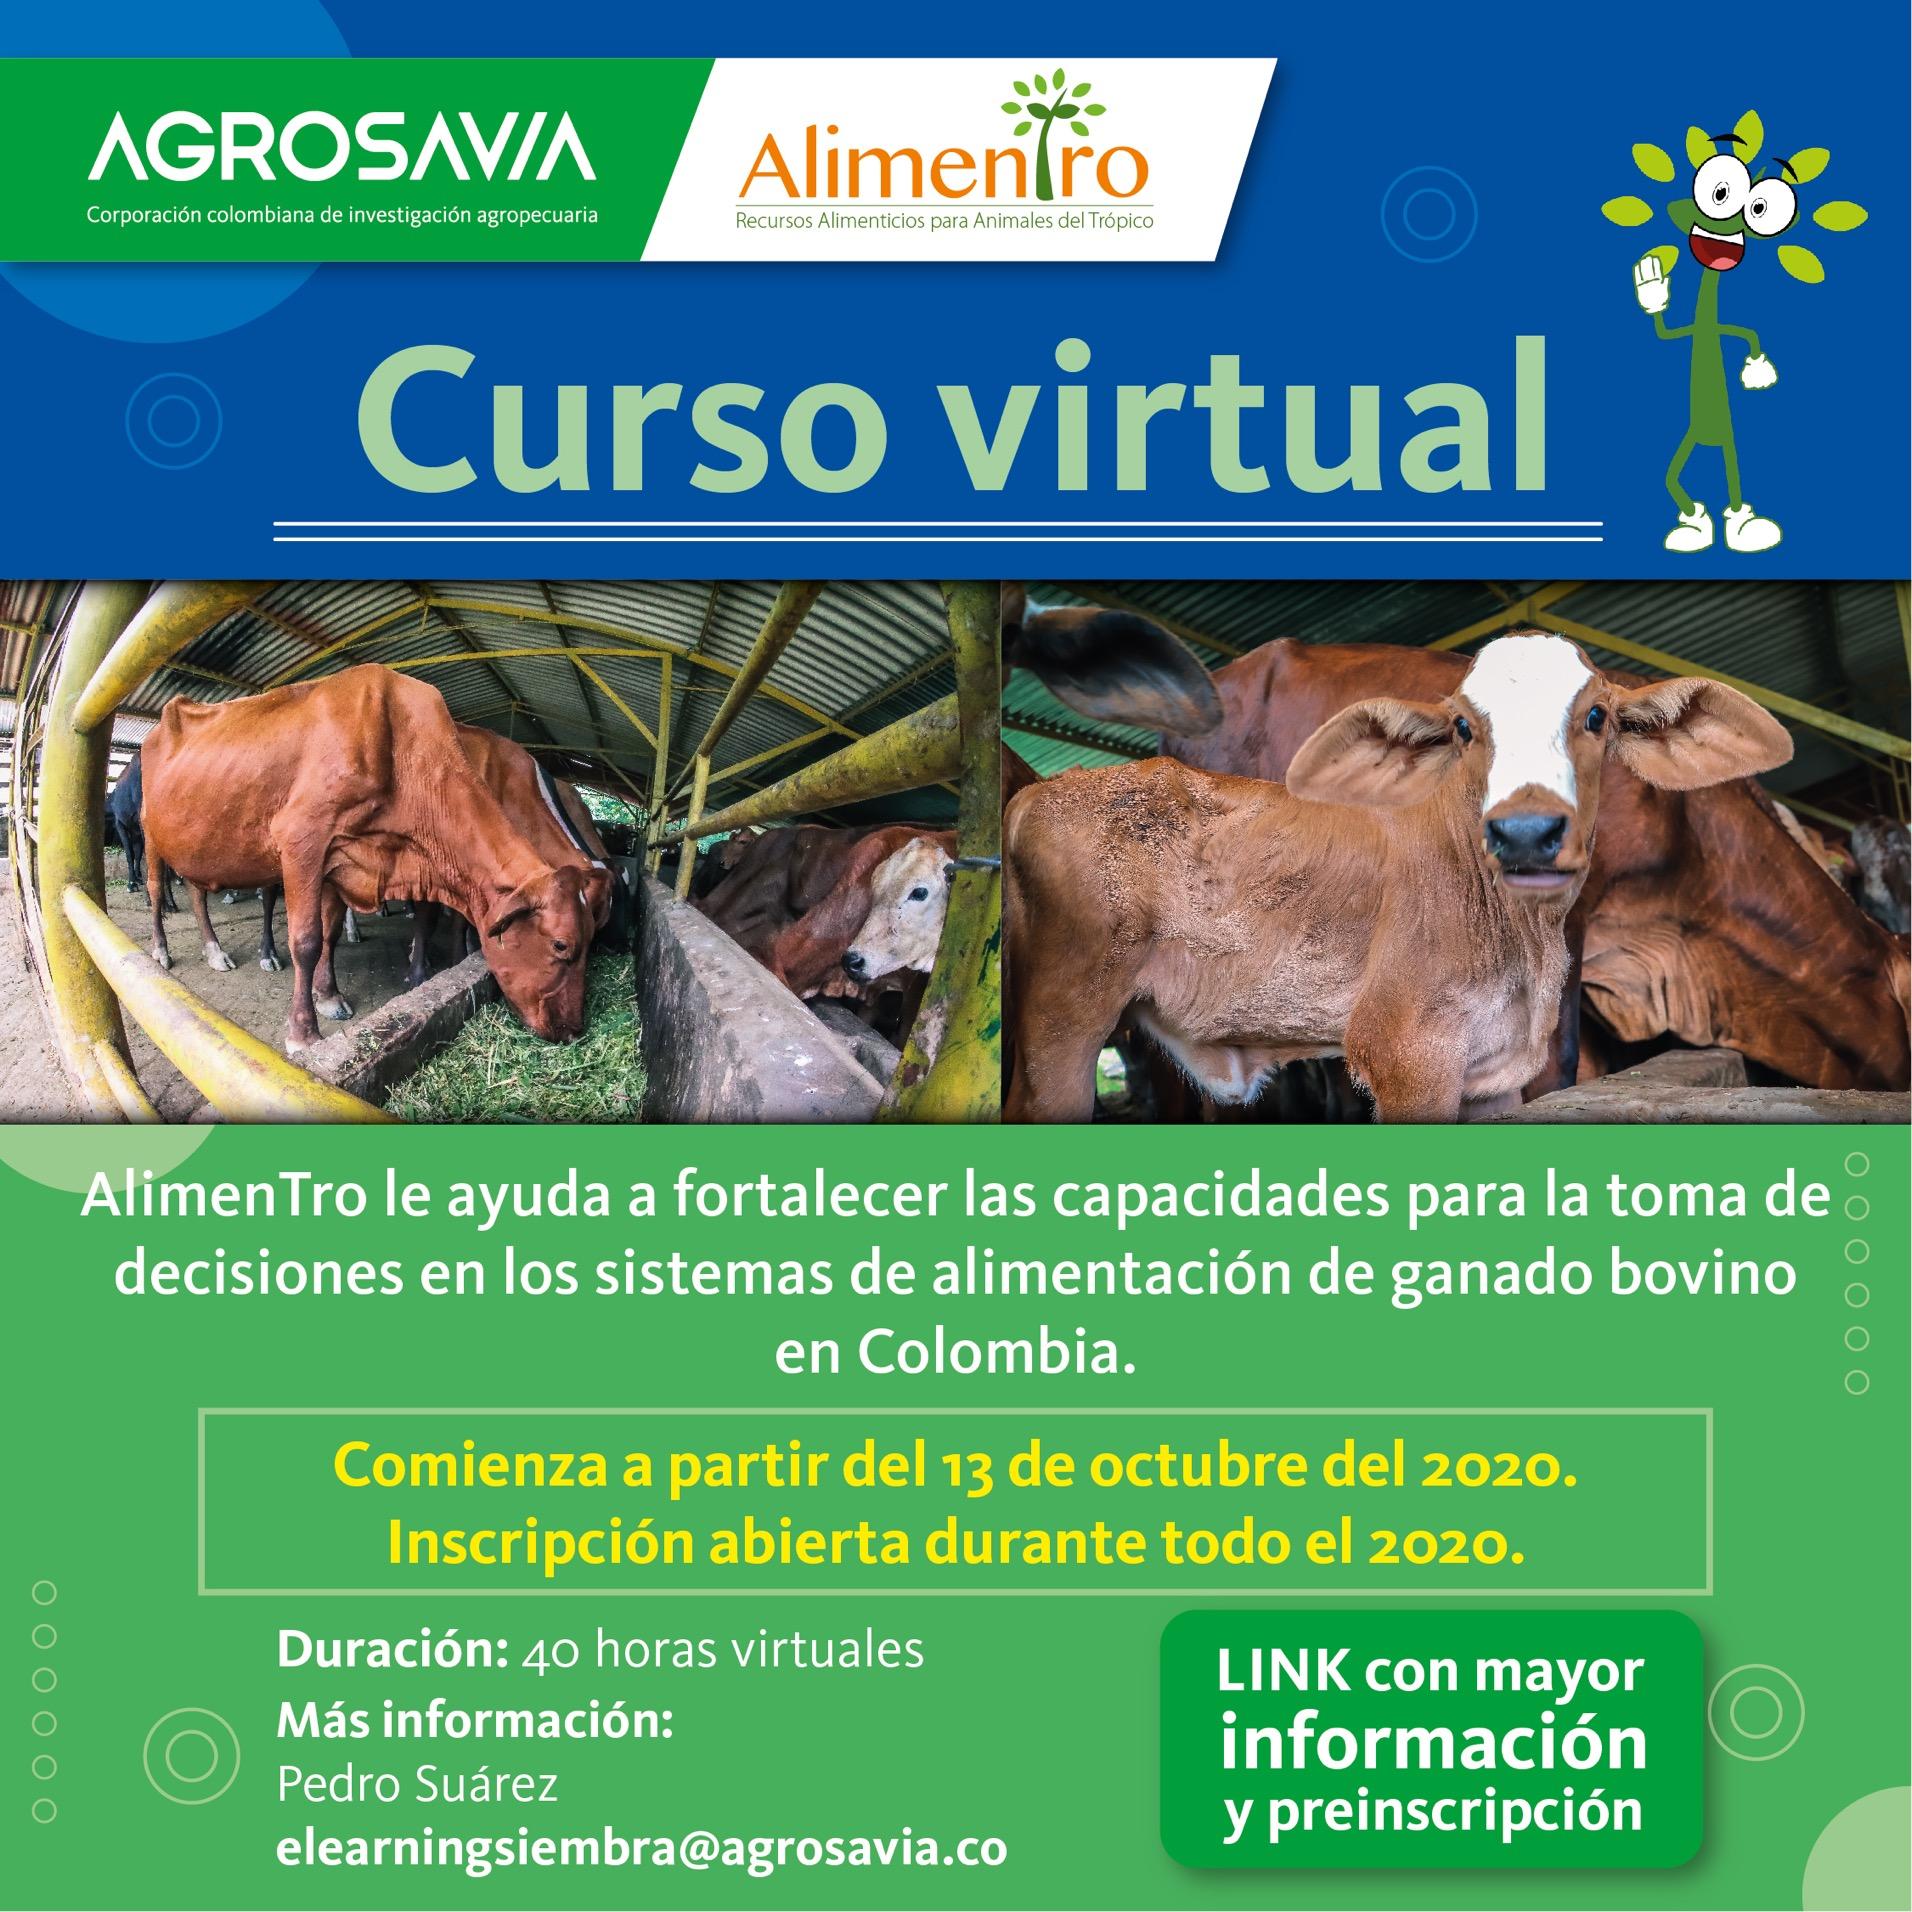 Continúa abierta la preinscripción al curso gratuito sobre AlimenTro